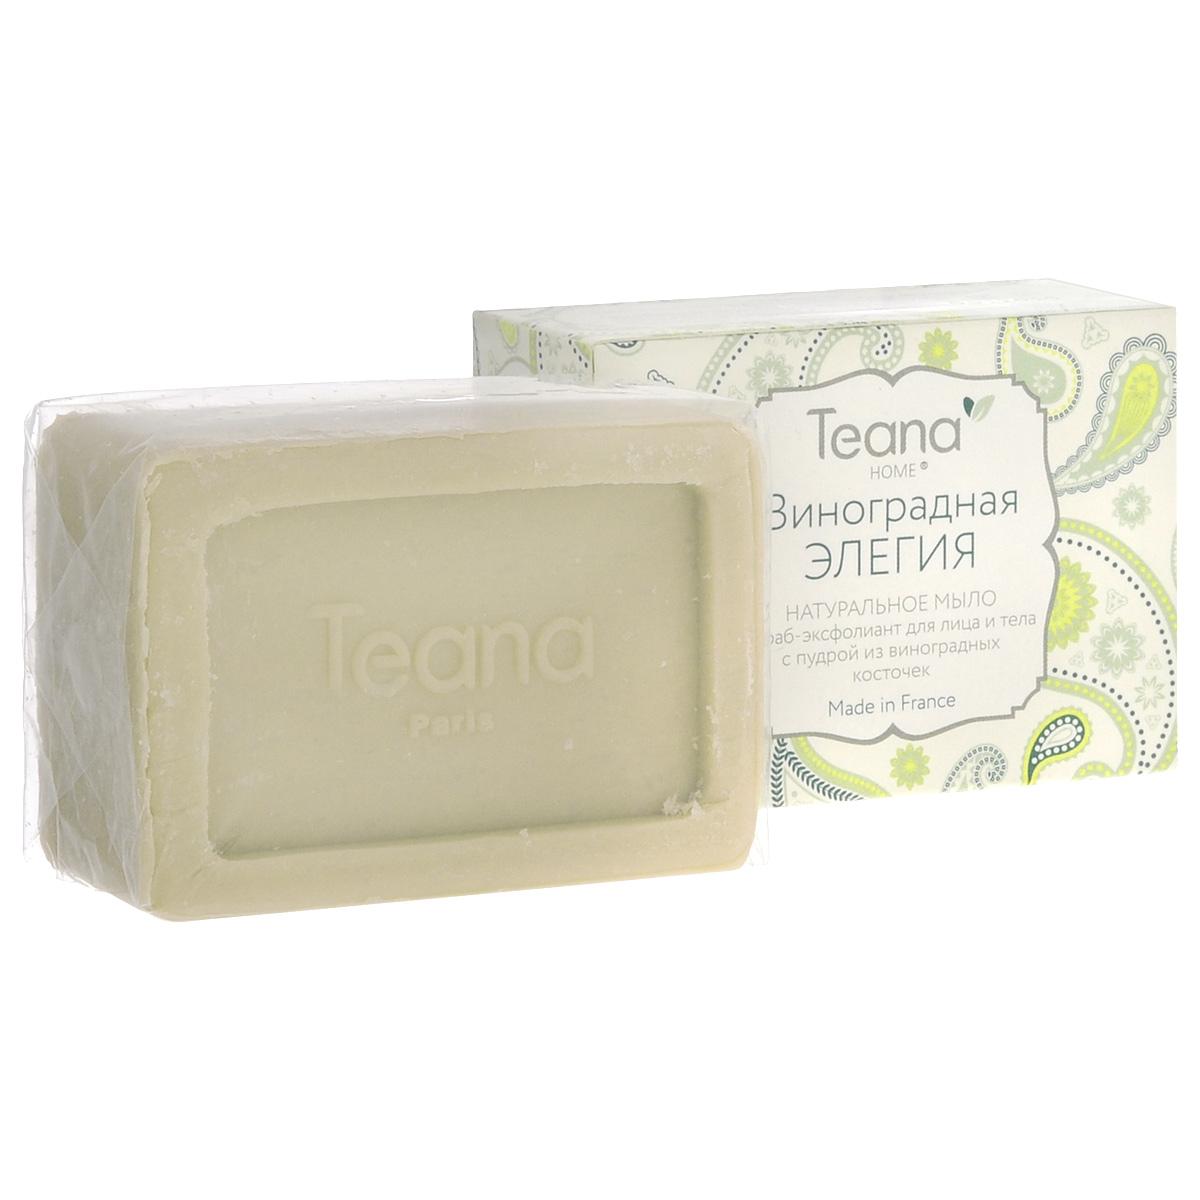 """Teana Натуральное мыло скраб-эксфолиант для лица и тела """"Виноградная элегия"""", с пудрой из виноградных косточек, 100 г"""